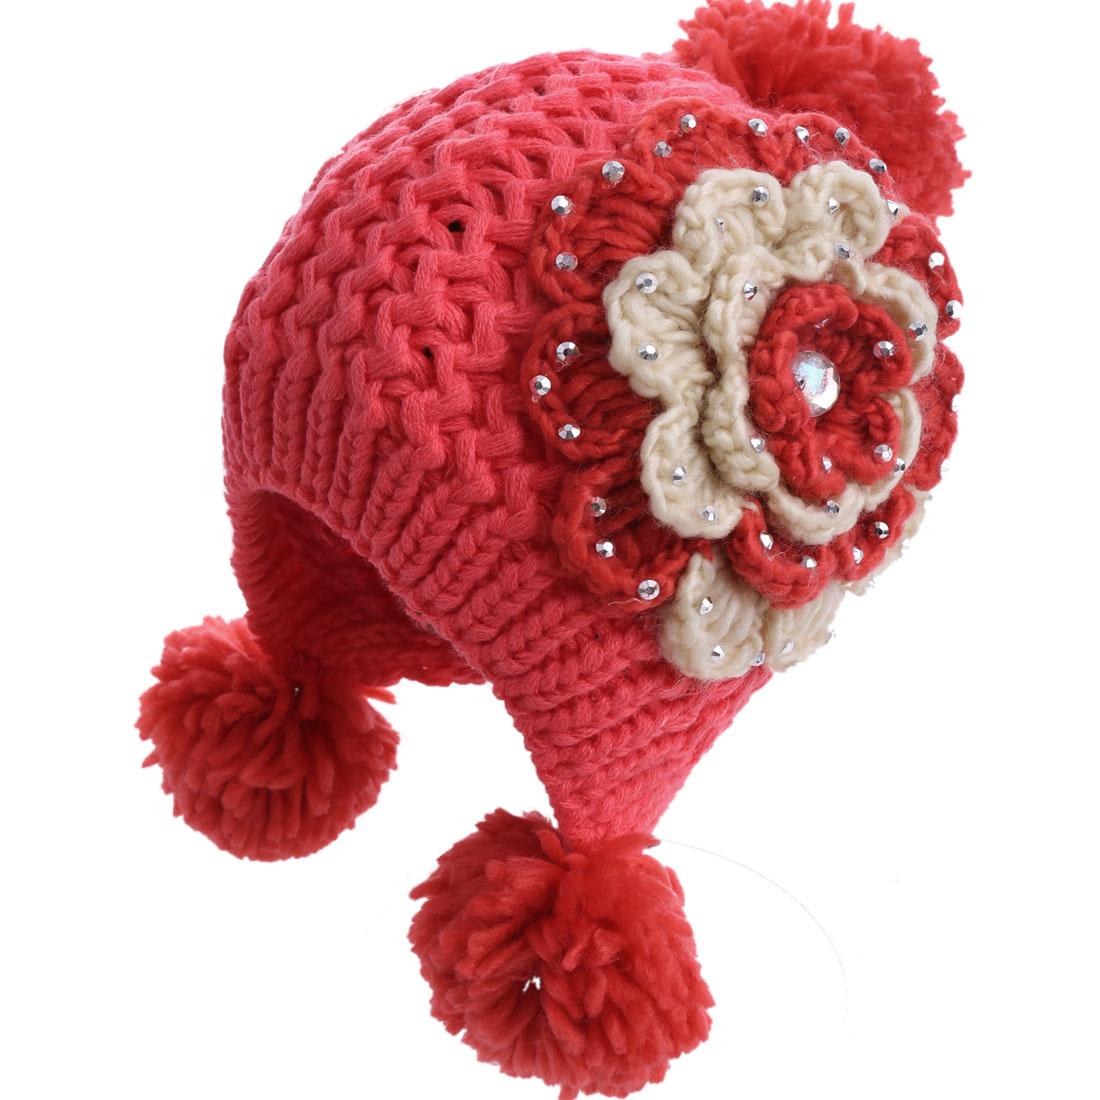 Lady Flower Decor Pom-Pom Knitting Watermelon Red Beanie Hat Cap